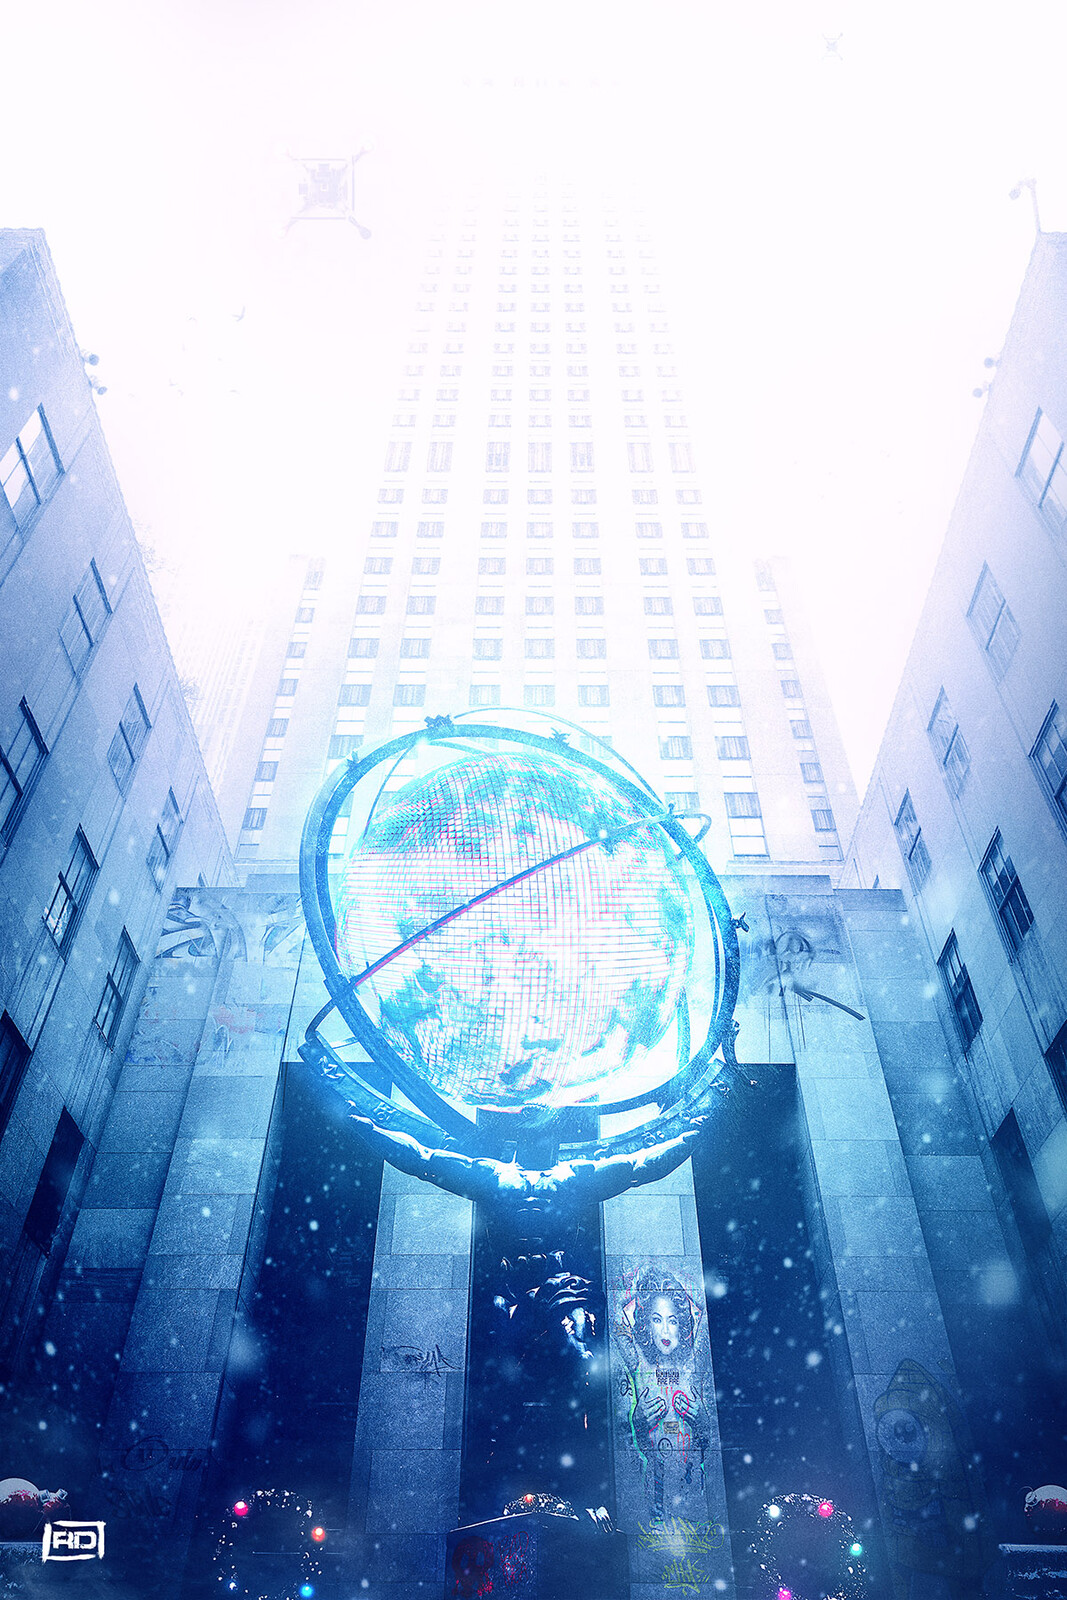 New york 2130 : Atlas on the 30 Rockefeller Center Plaza